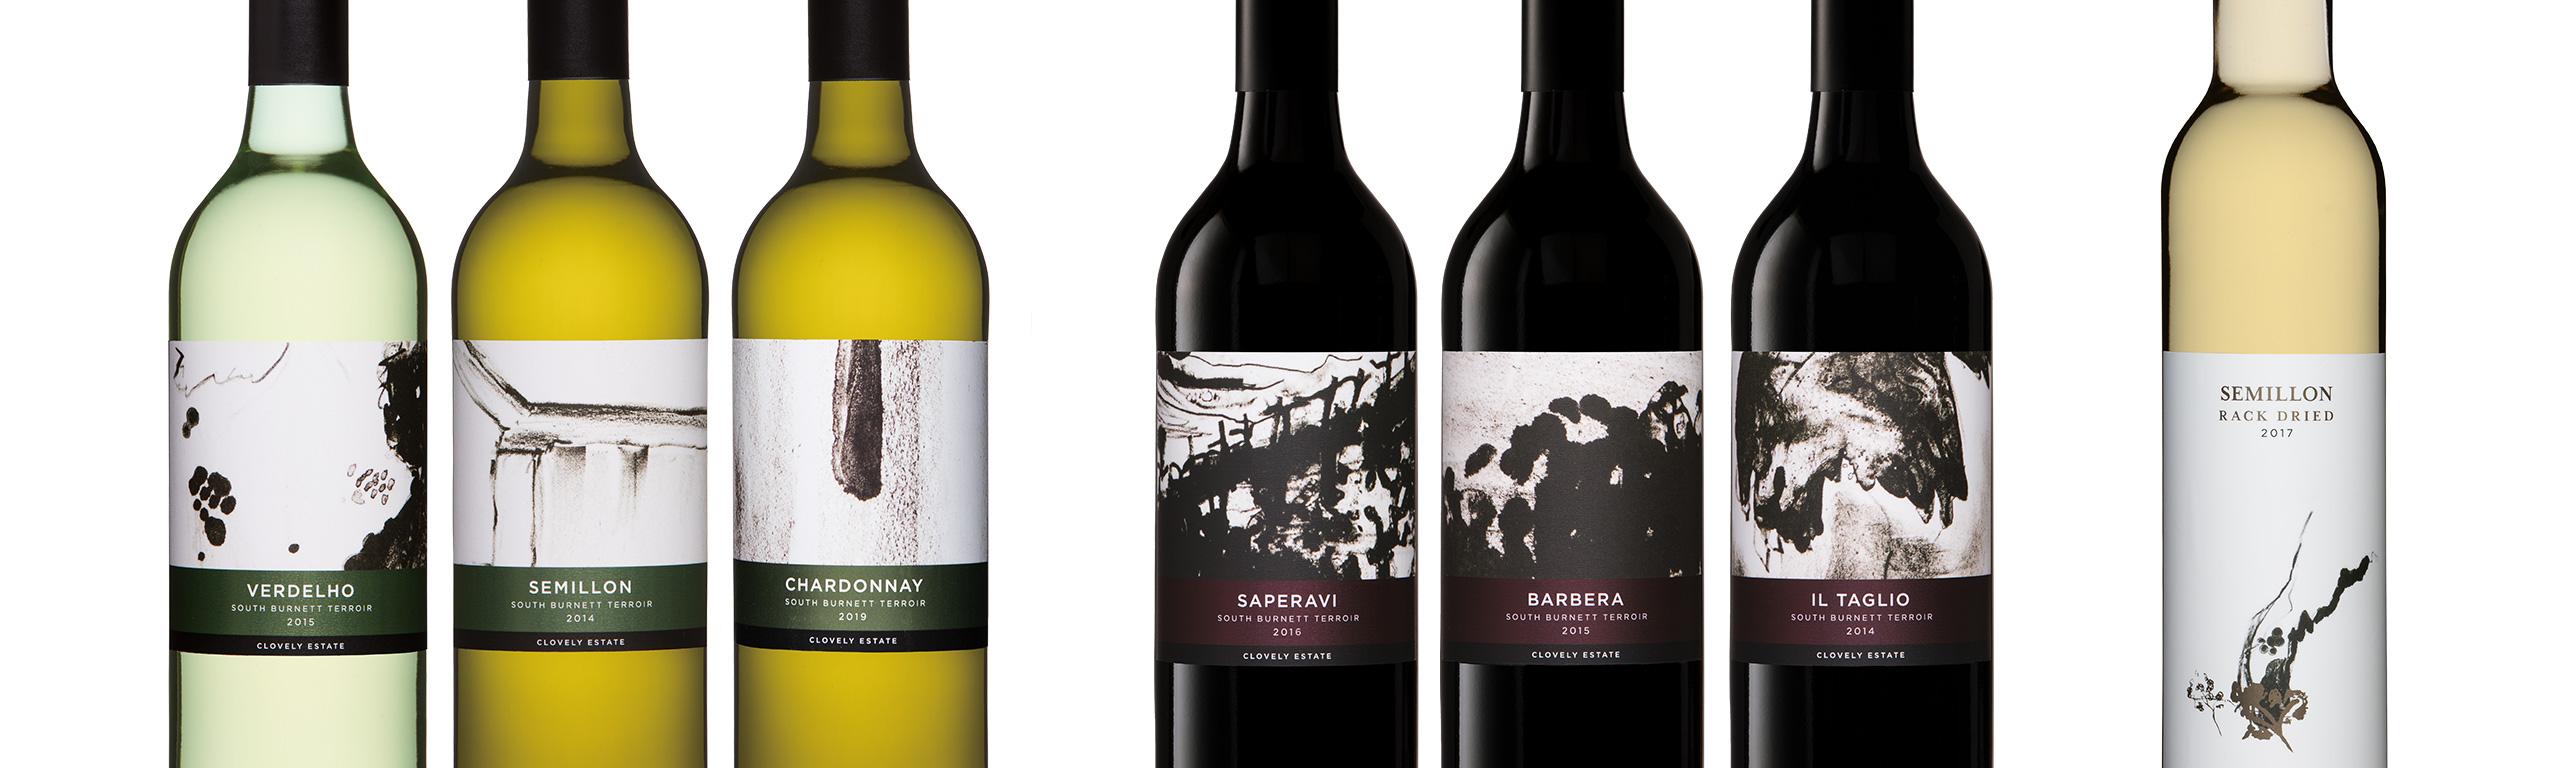 Clovely Estate wine range